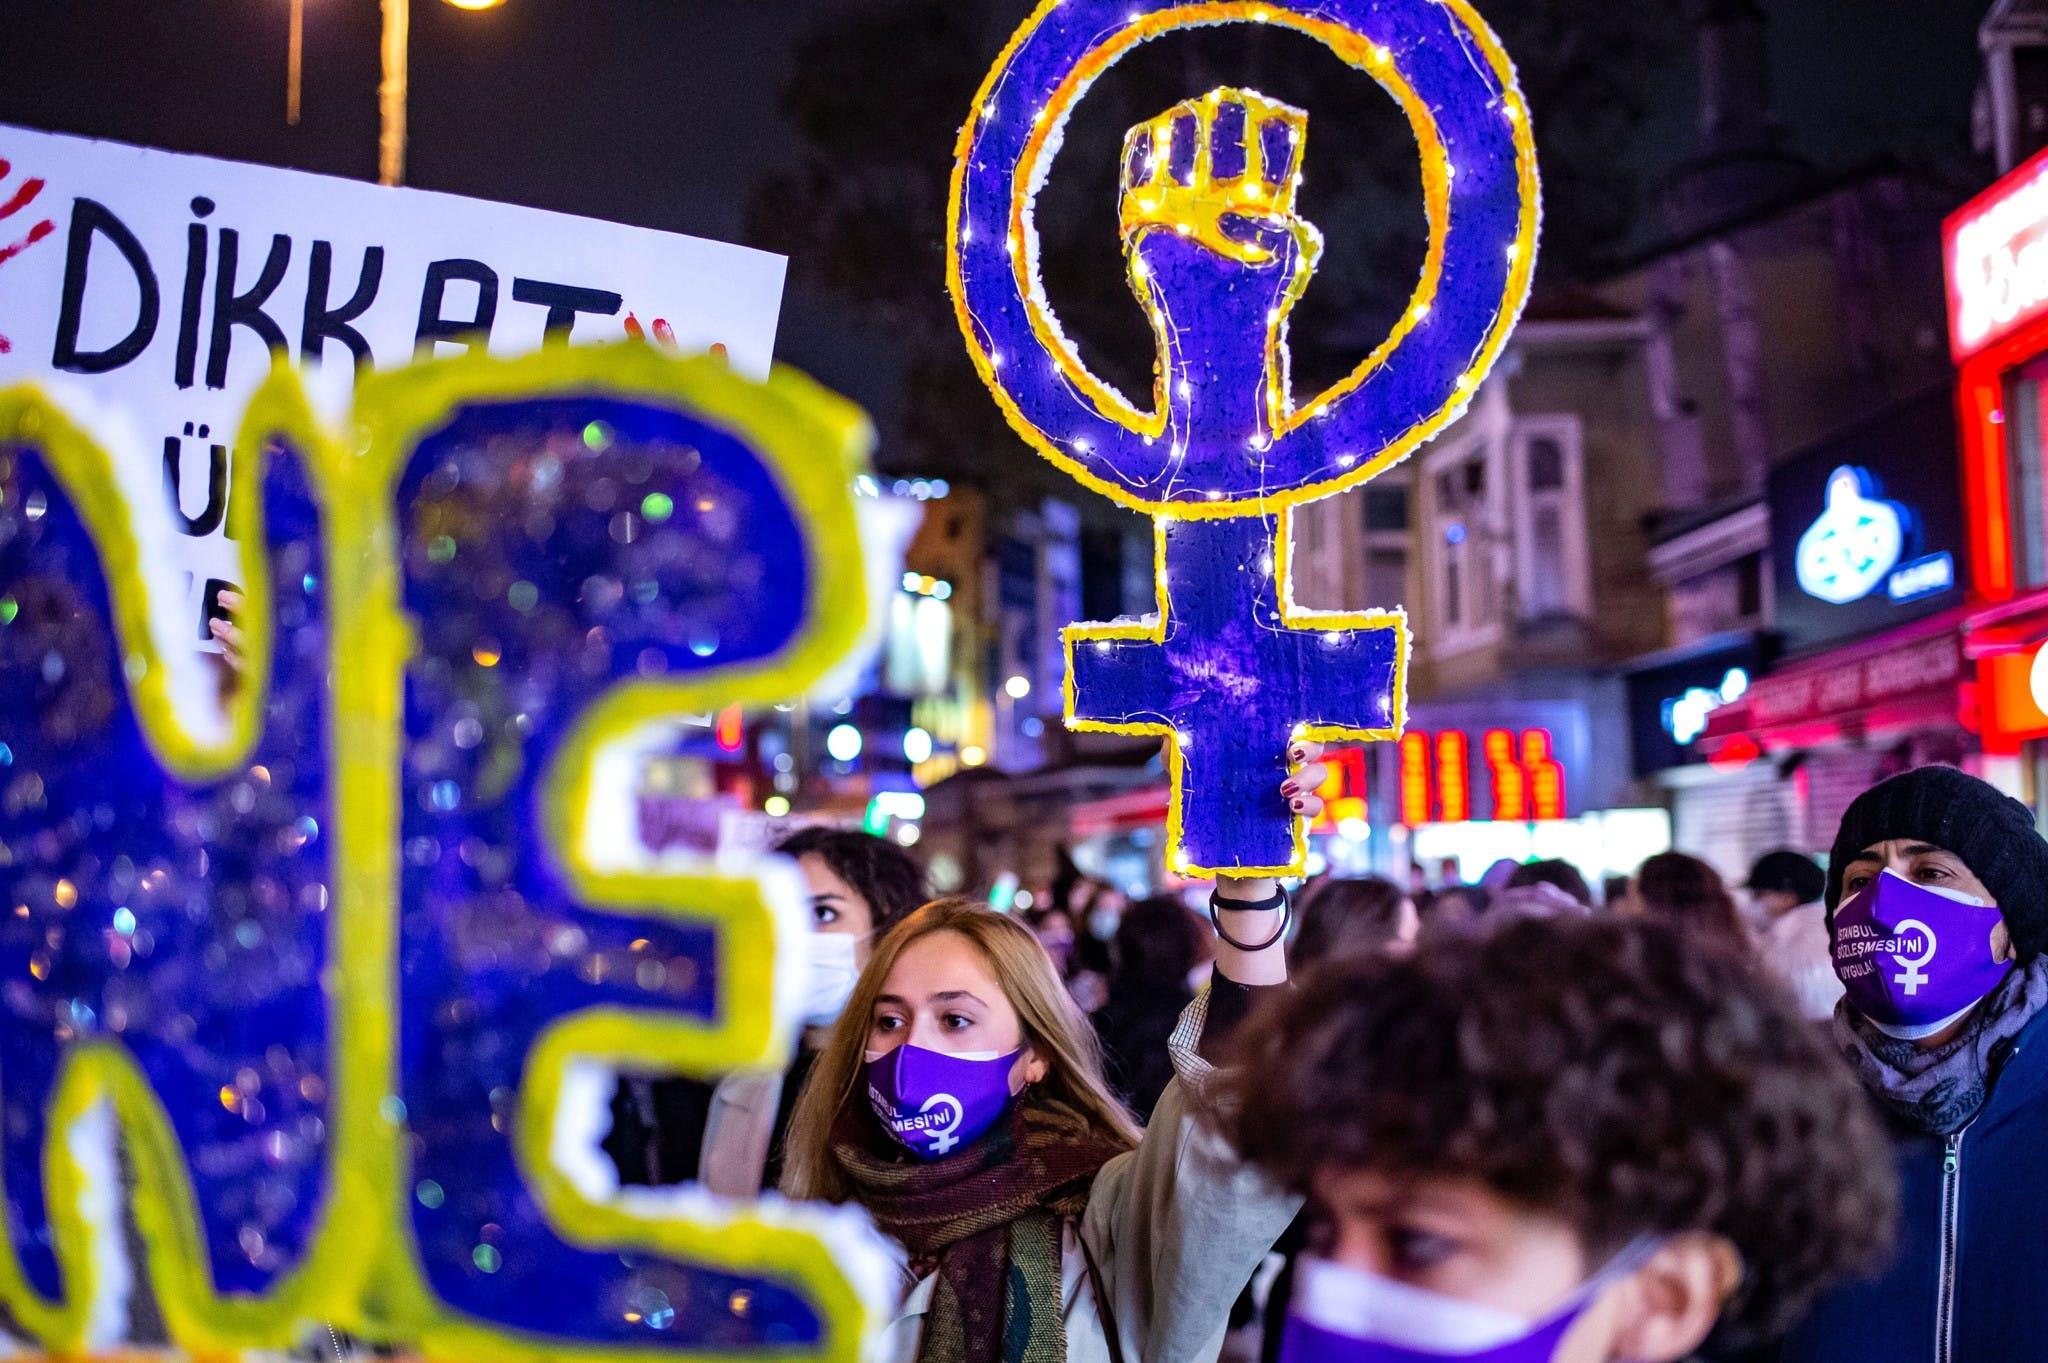 Une femme tient le signe du mouvement féministe lors d'une manifestation marquant la Journée internationale pour l'élimination de la violence à l'égard des femmes à Istanbul, le 25 novembre 2020.